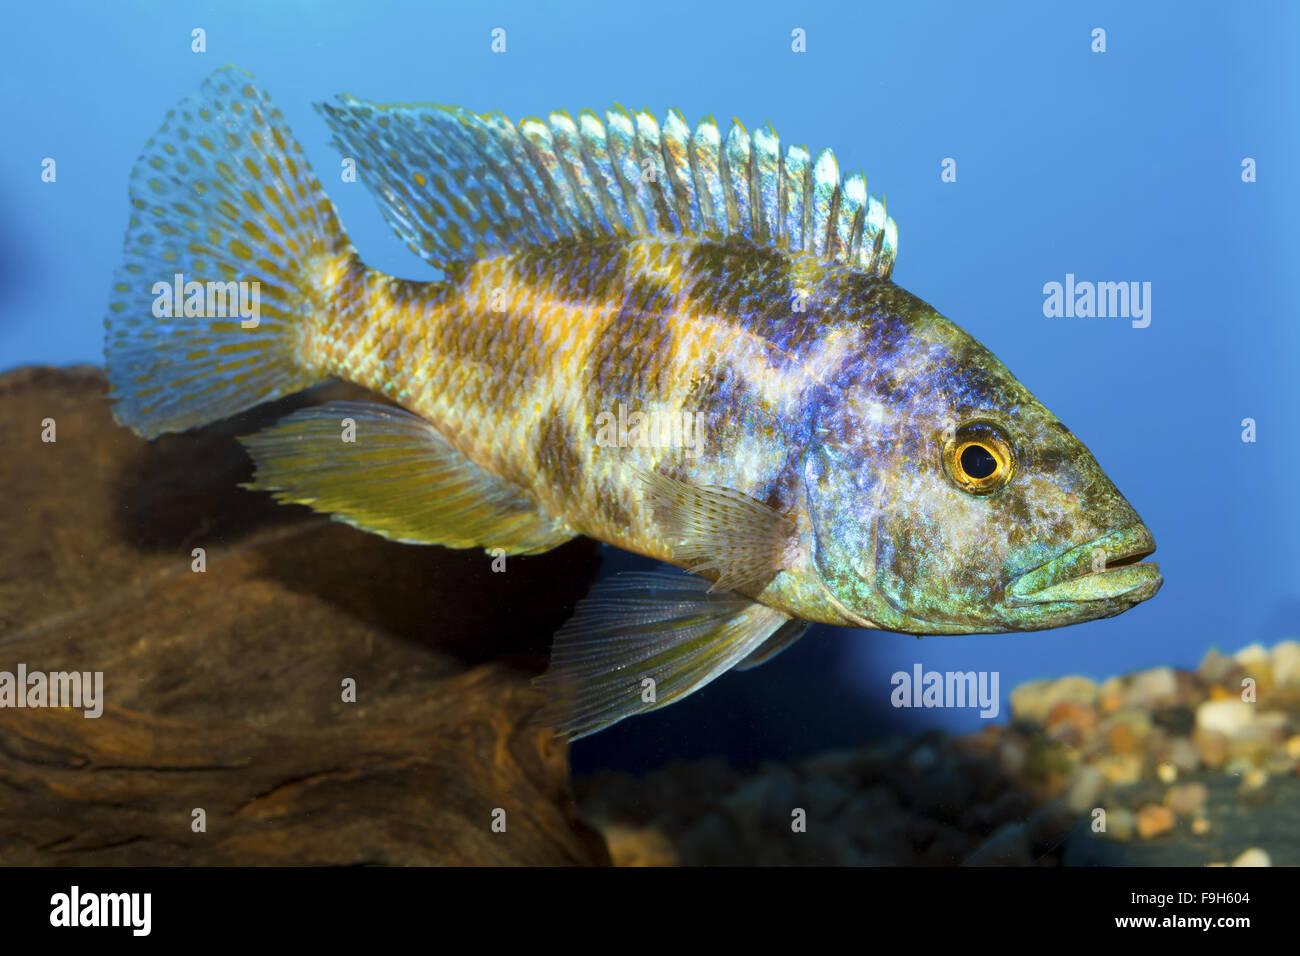 Cichlid fish from genus Nimbochromis in the aquarium Stock Photo